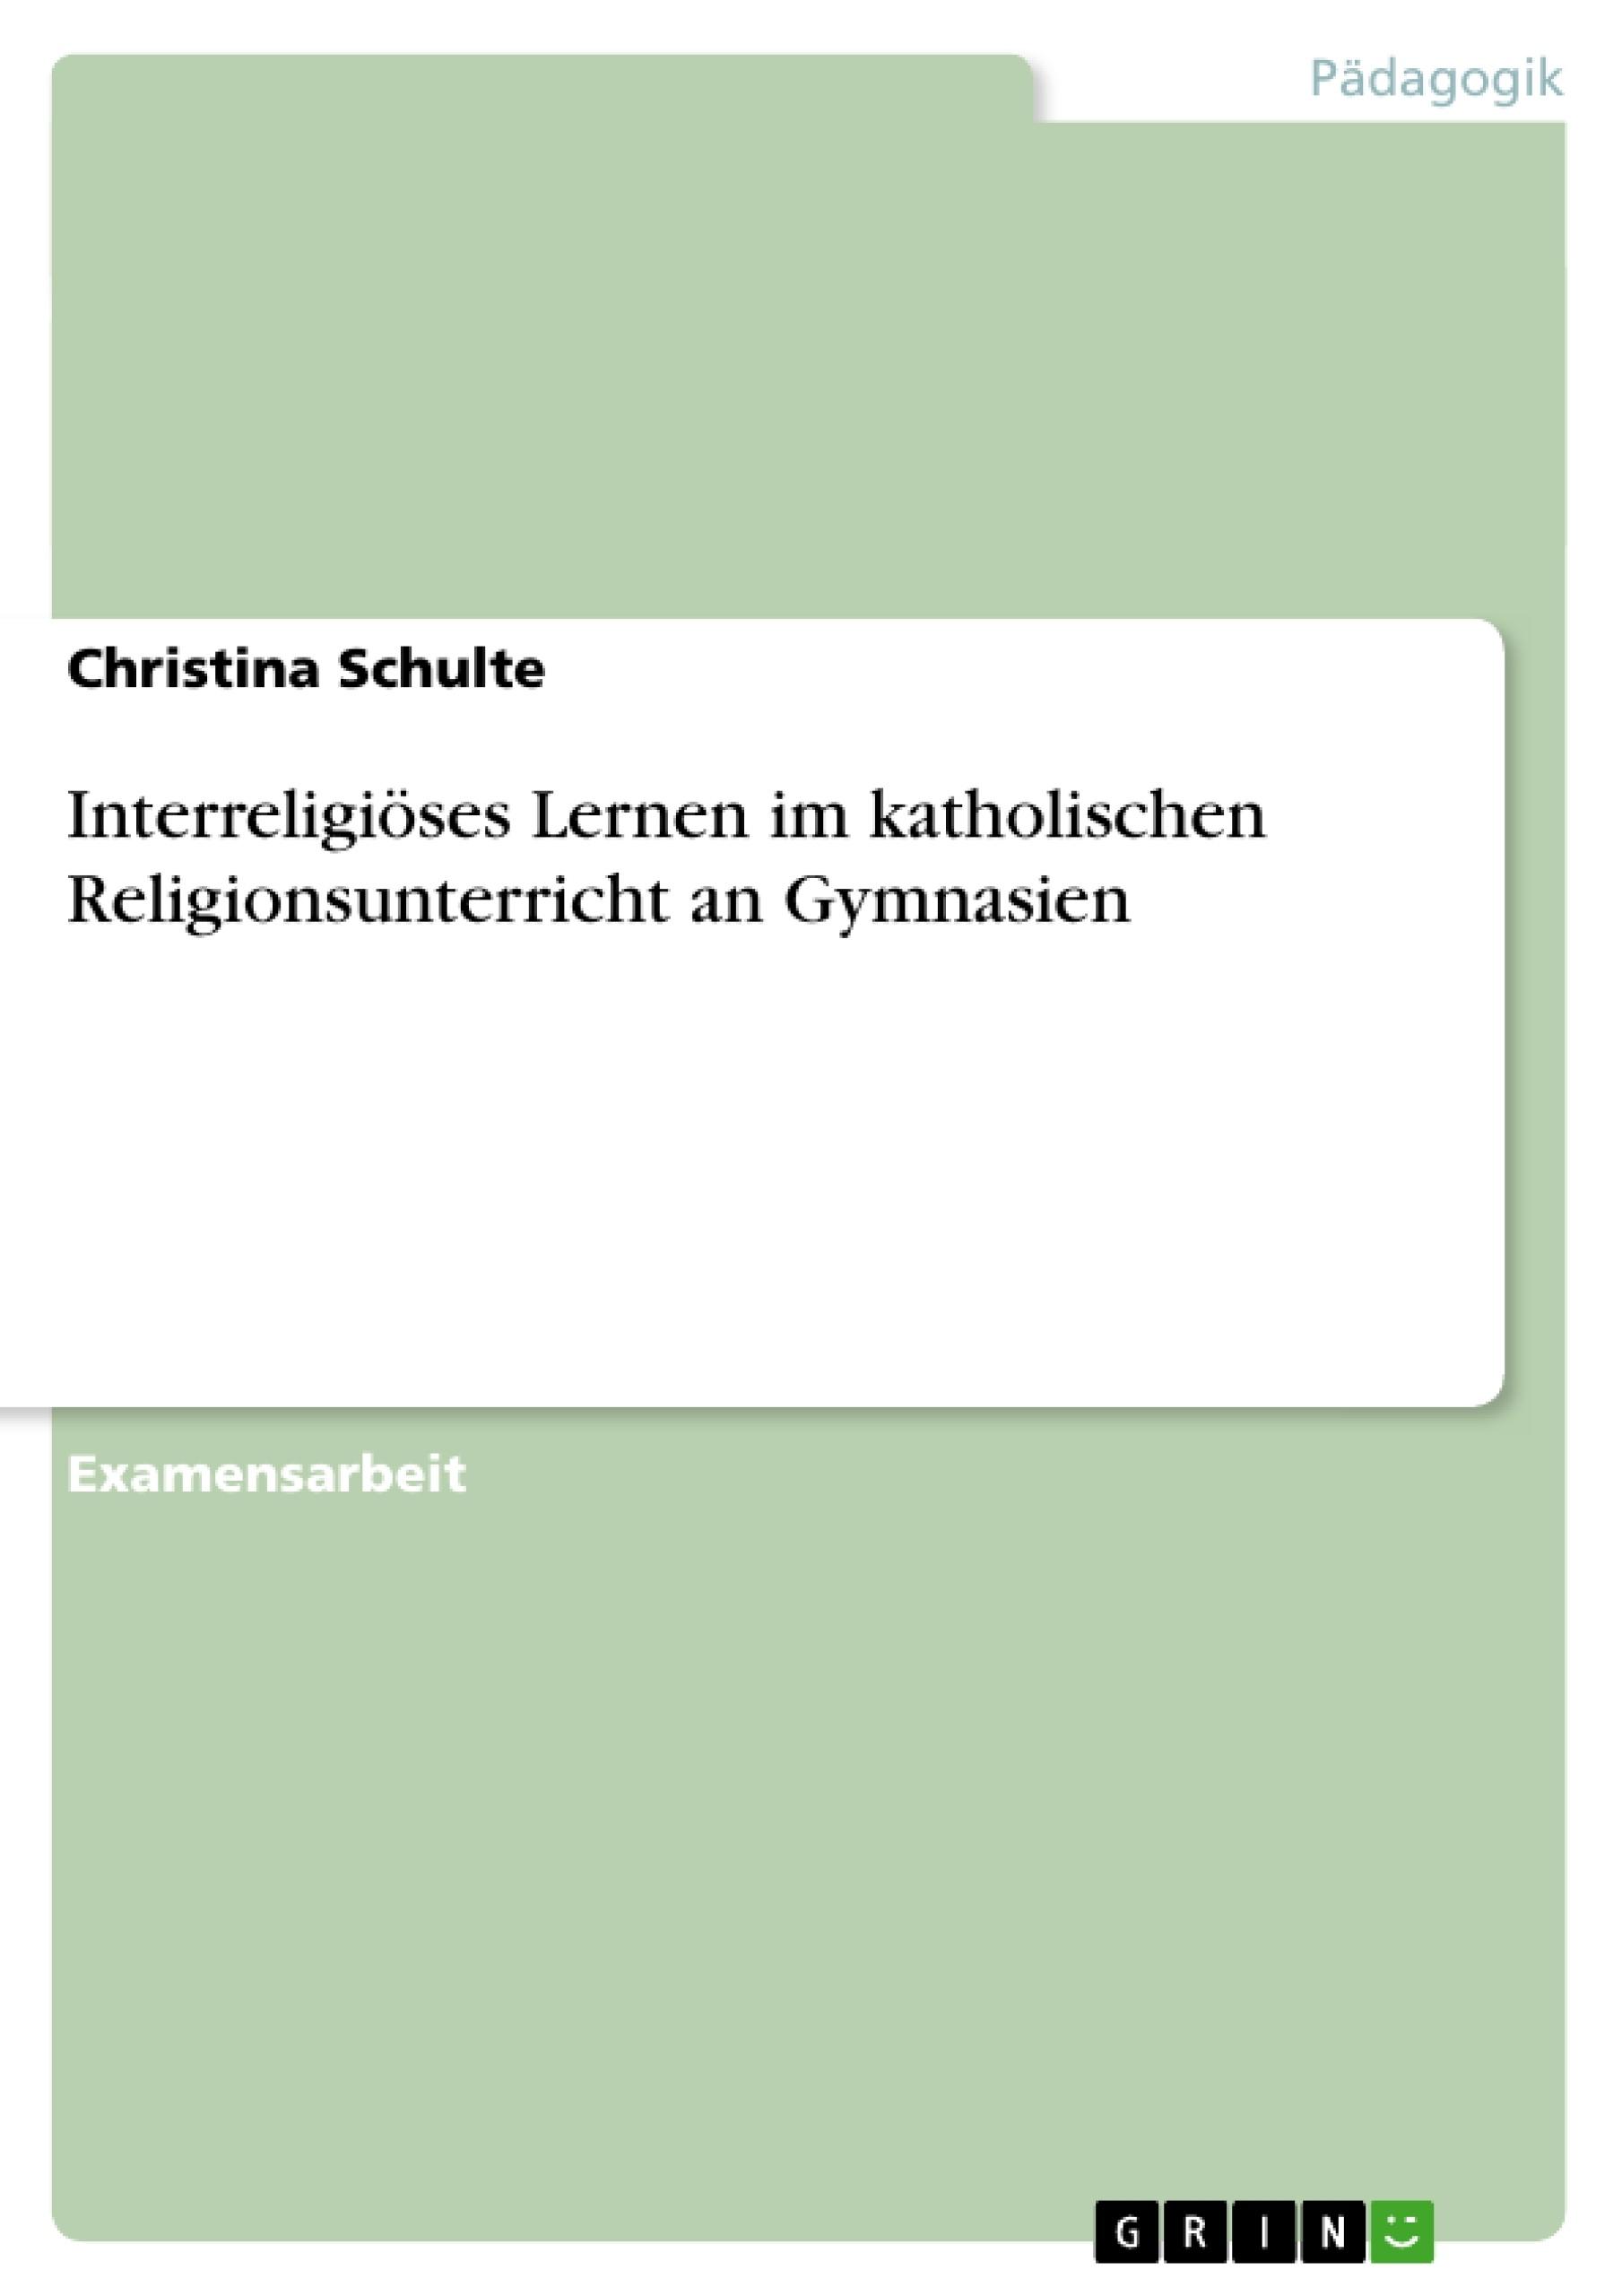 Titel: Interreligiöses Lernen im katholischen Religionsunterricht an Gymnasien